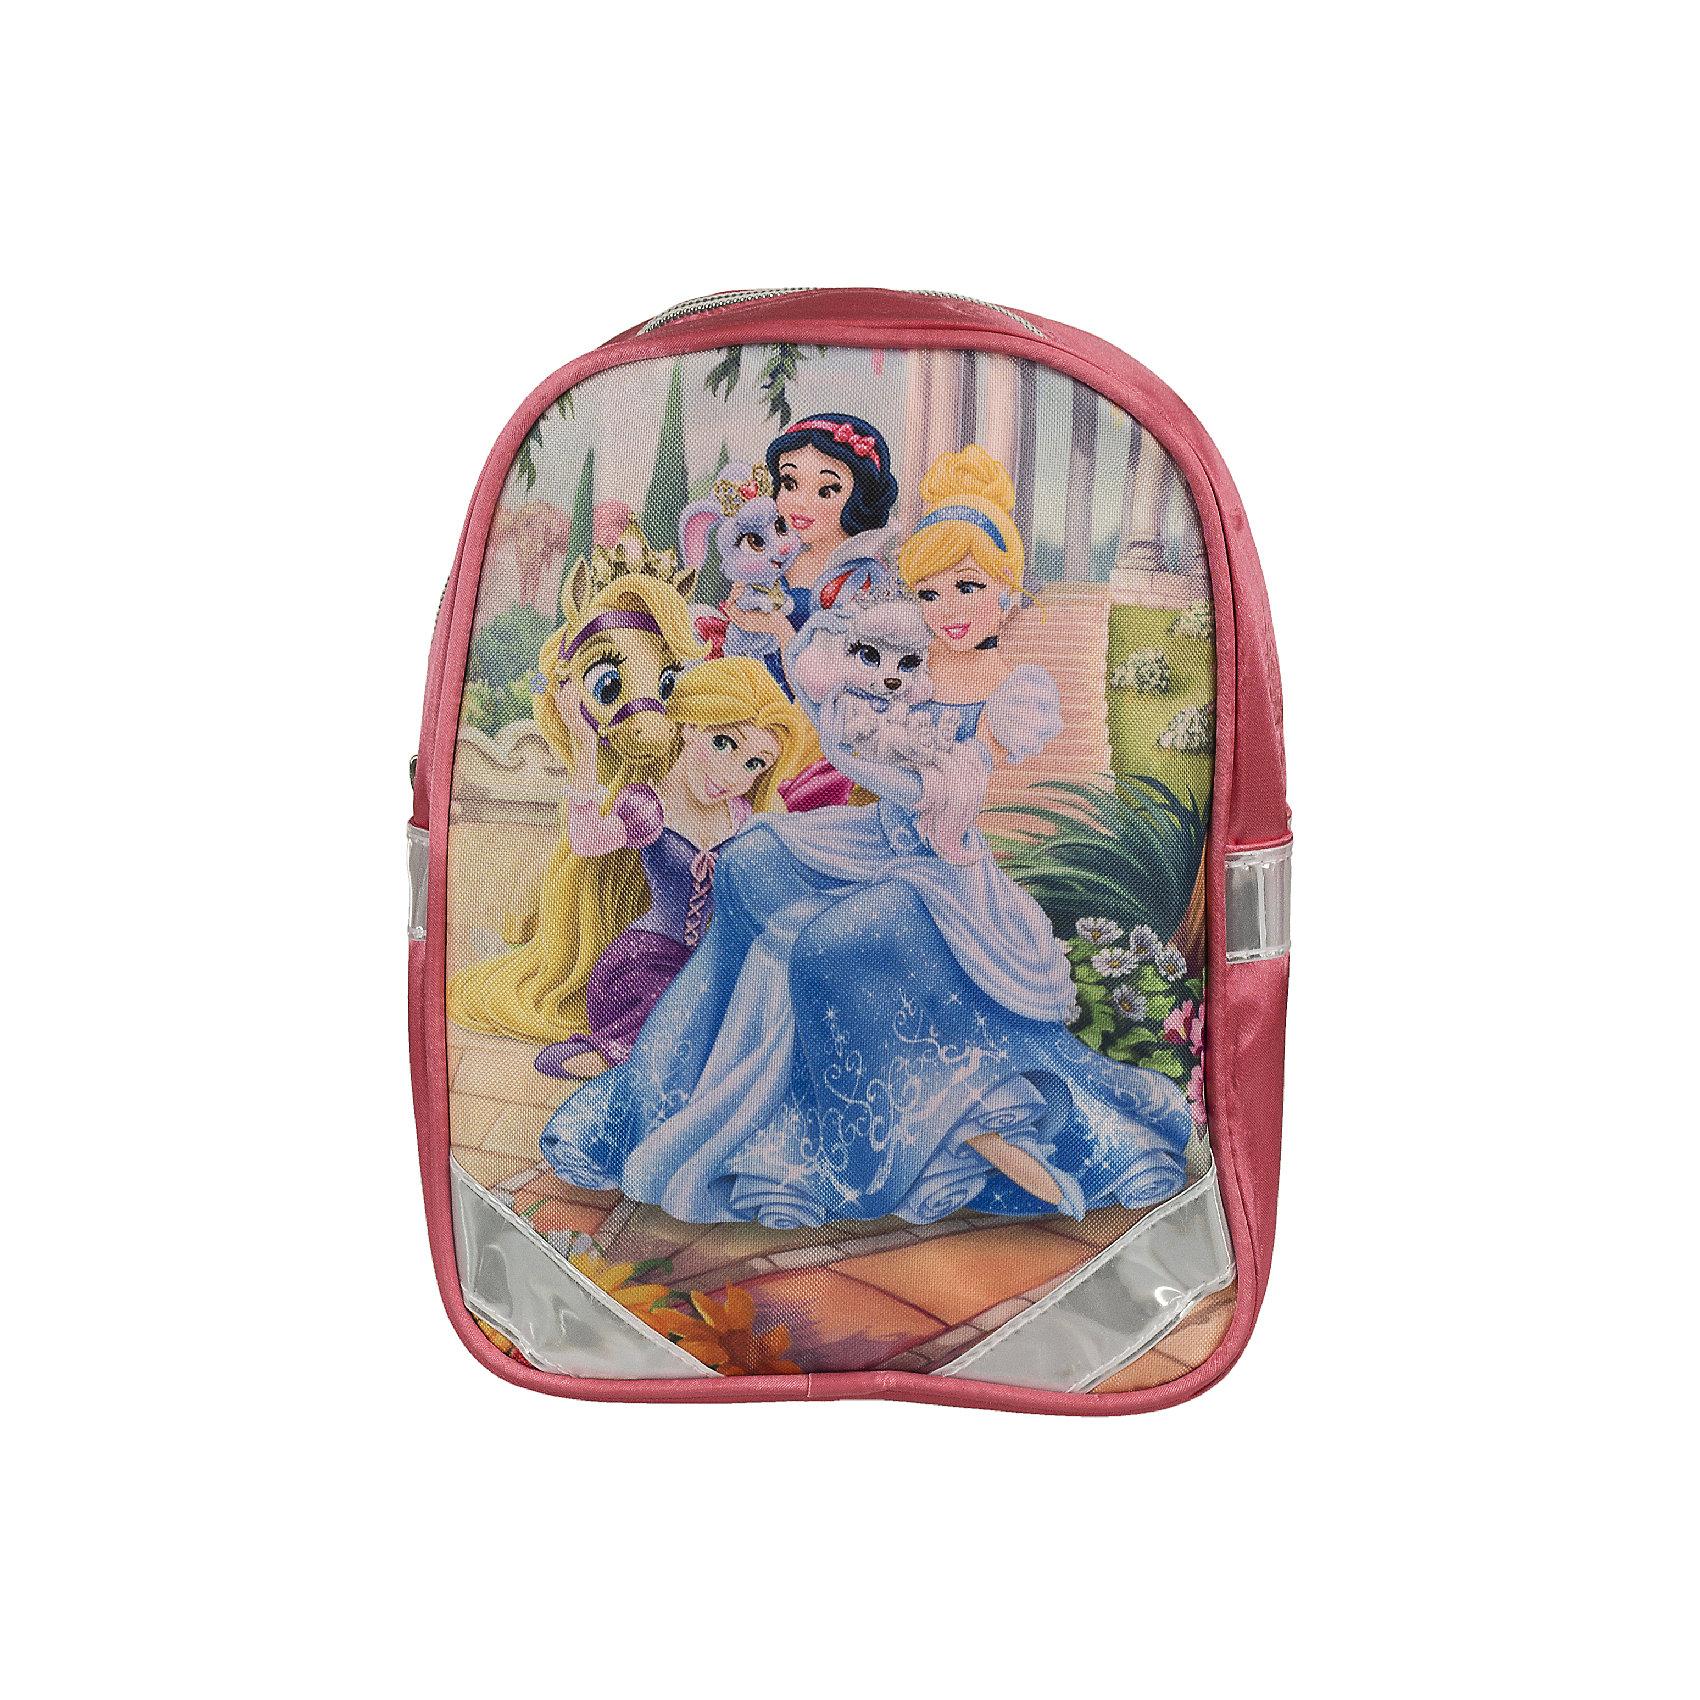 Дошкольный рюкзак Принцессы ДиснейПринцессы Дисней<br>Рюкзак - это незаменимая вещь для прогулок и повседневных дел, в нем можно разместить самые важные вещи. Пусть у Вашего малыша будет свой собственный рюкзак. У модели одно основное отделение на молнии, а лямки можно свободно регулировать по длине в зависимости от роста ребенка. Передняя панель рюкзака украшена ярким изображением любимых героев.<br>Дополнительная информация:<br><br>Размер 23,5 х 17 х 8 см.<br><br>Рюкзак Принцессы Дисней (Disney Princess) 23,5*17*8 см можно купить в нашем магазине.<br><br>Ширина мм: 235<br>Глубина мм: 170<br>Высота мм: 80<br>Вес г: 140<br>Возраст от месяцев: 72<br>Возраст до месяцев: 84<br>Пол: Женский<br>Возраст: Детский<br>SKU: 4140991